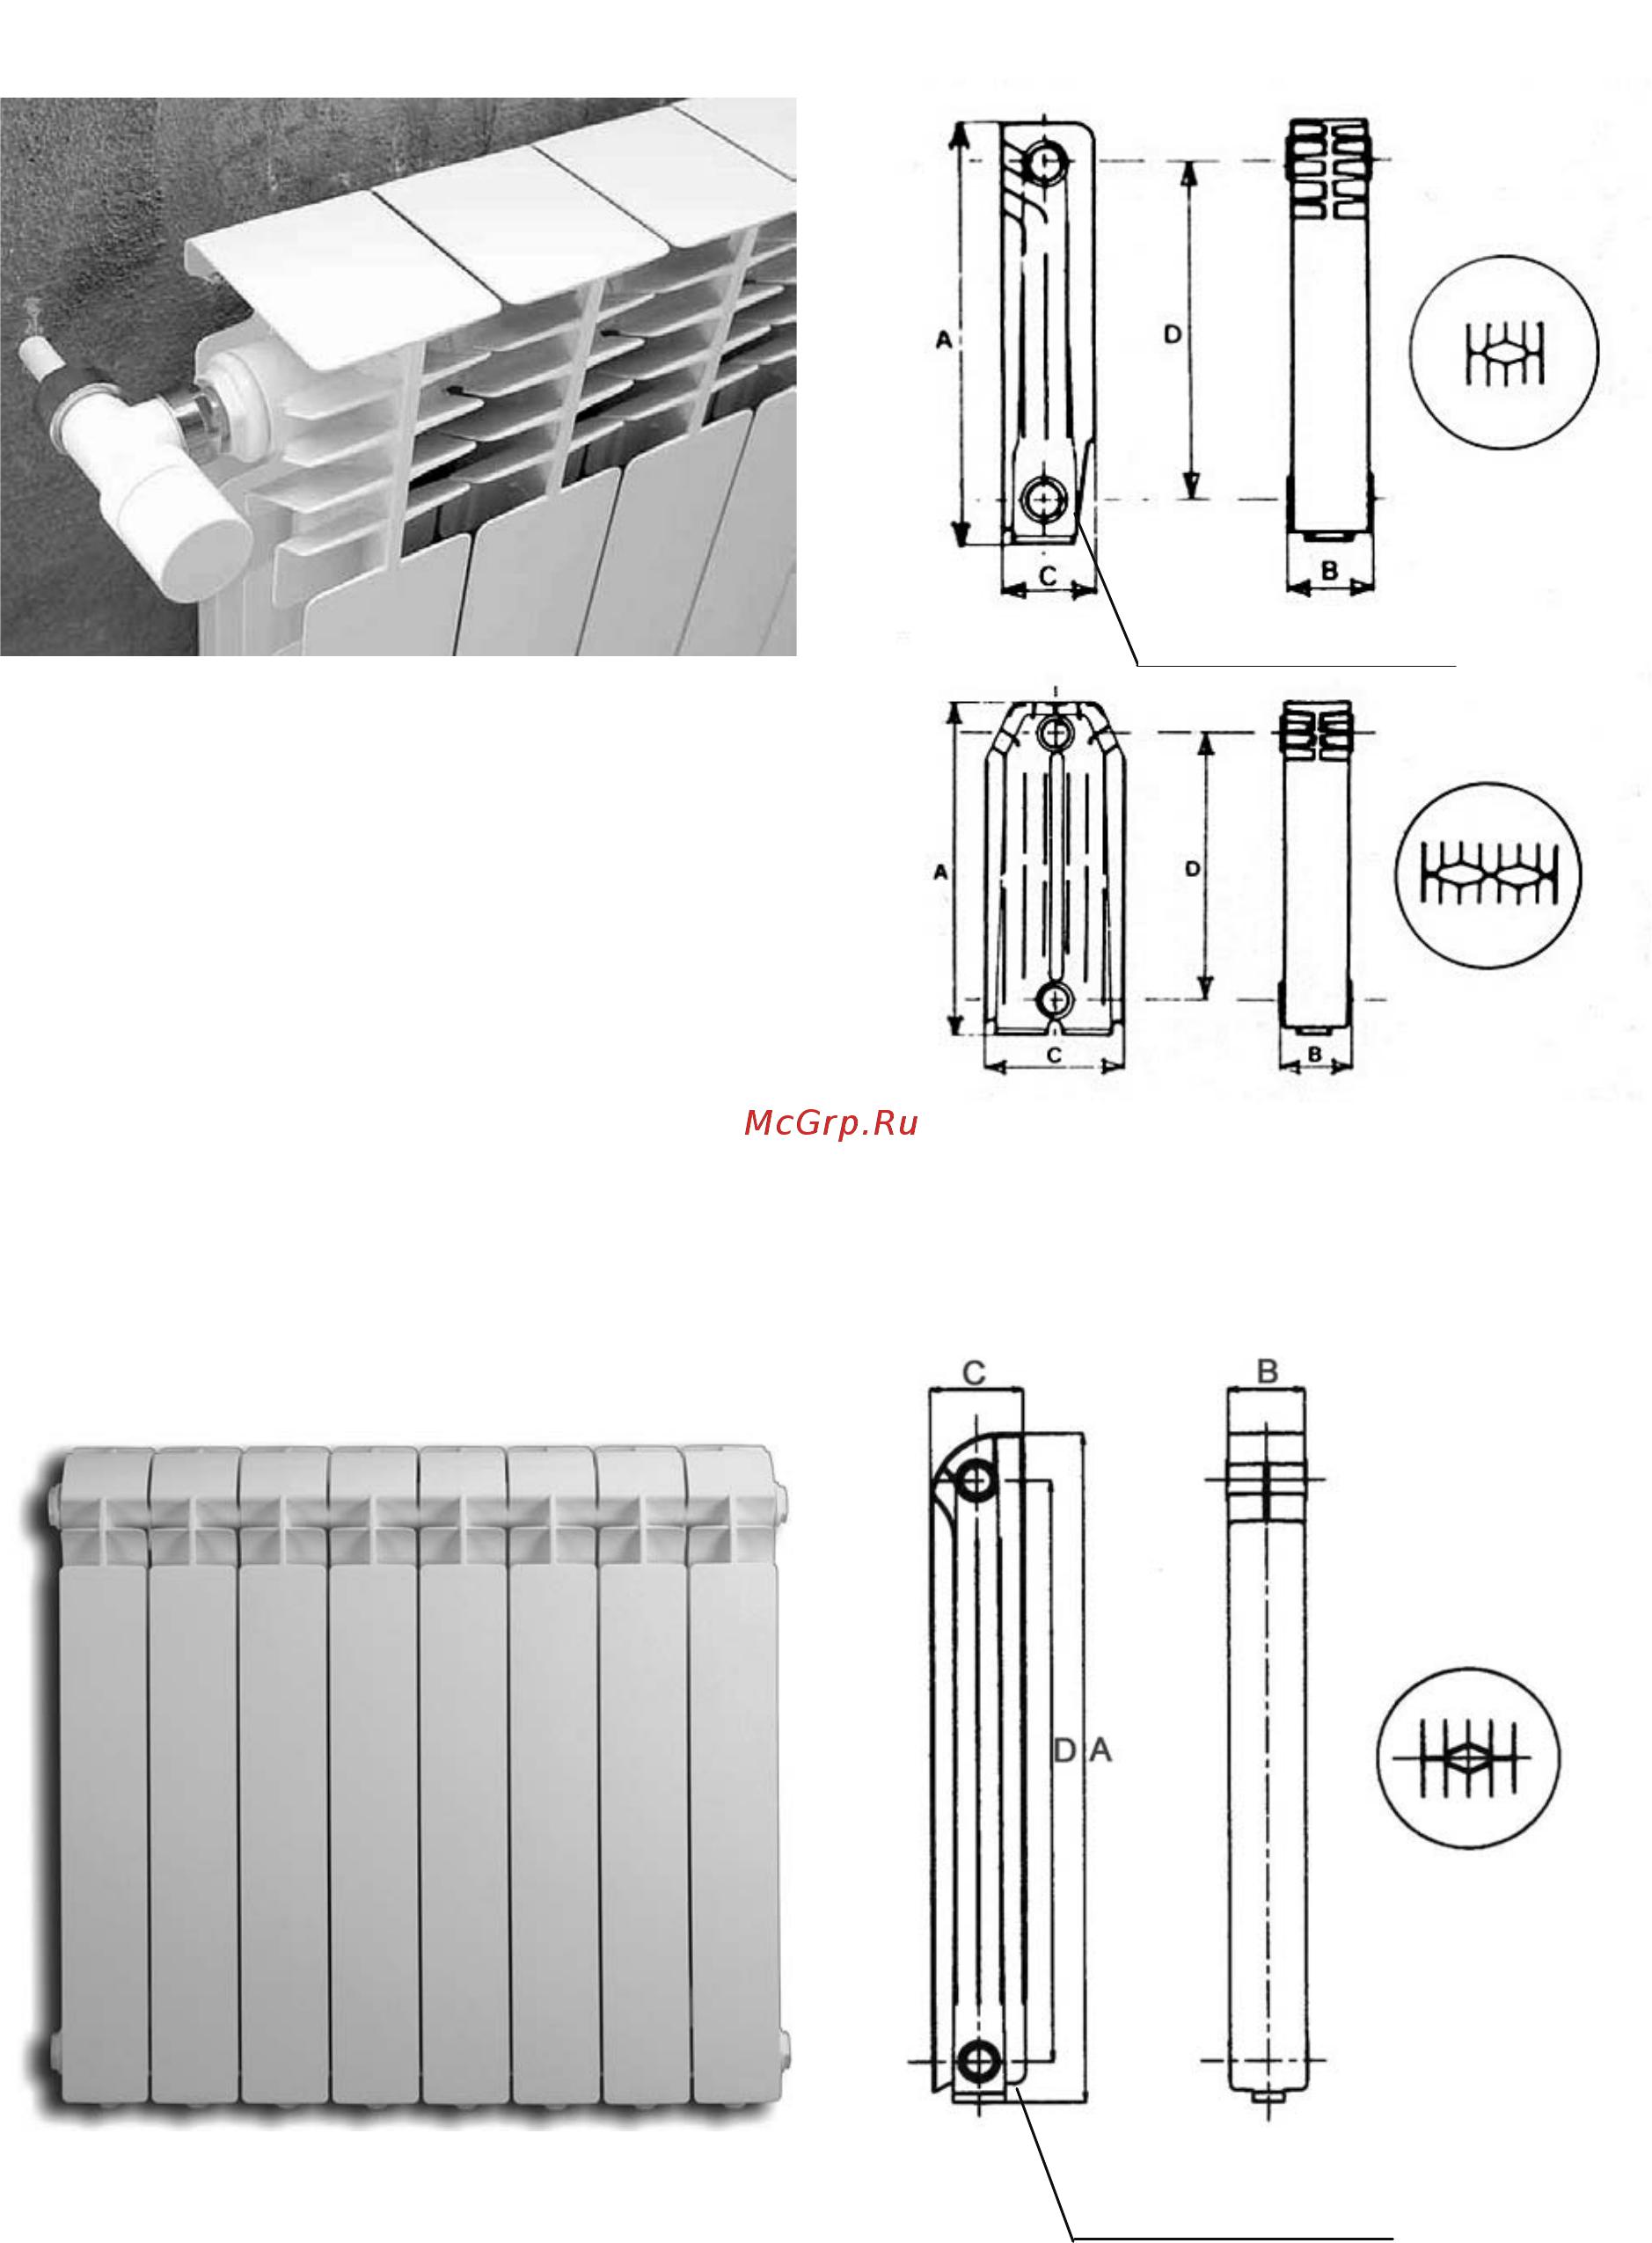 Размеры радиаторов отопления: какие бывают батареи по высоте и длине, минимальная ширина, модели с тонкими секциями